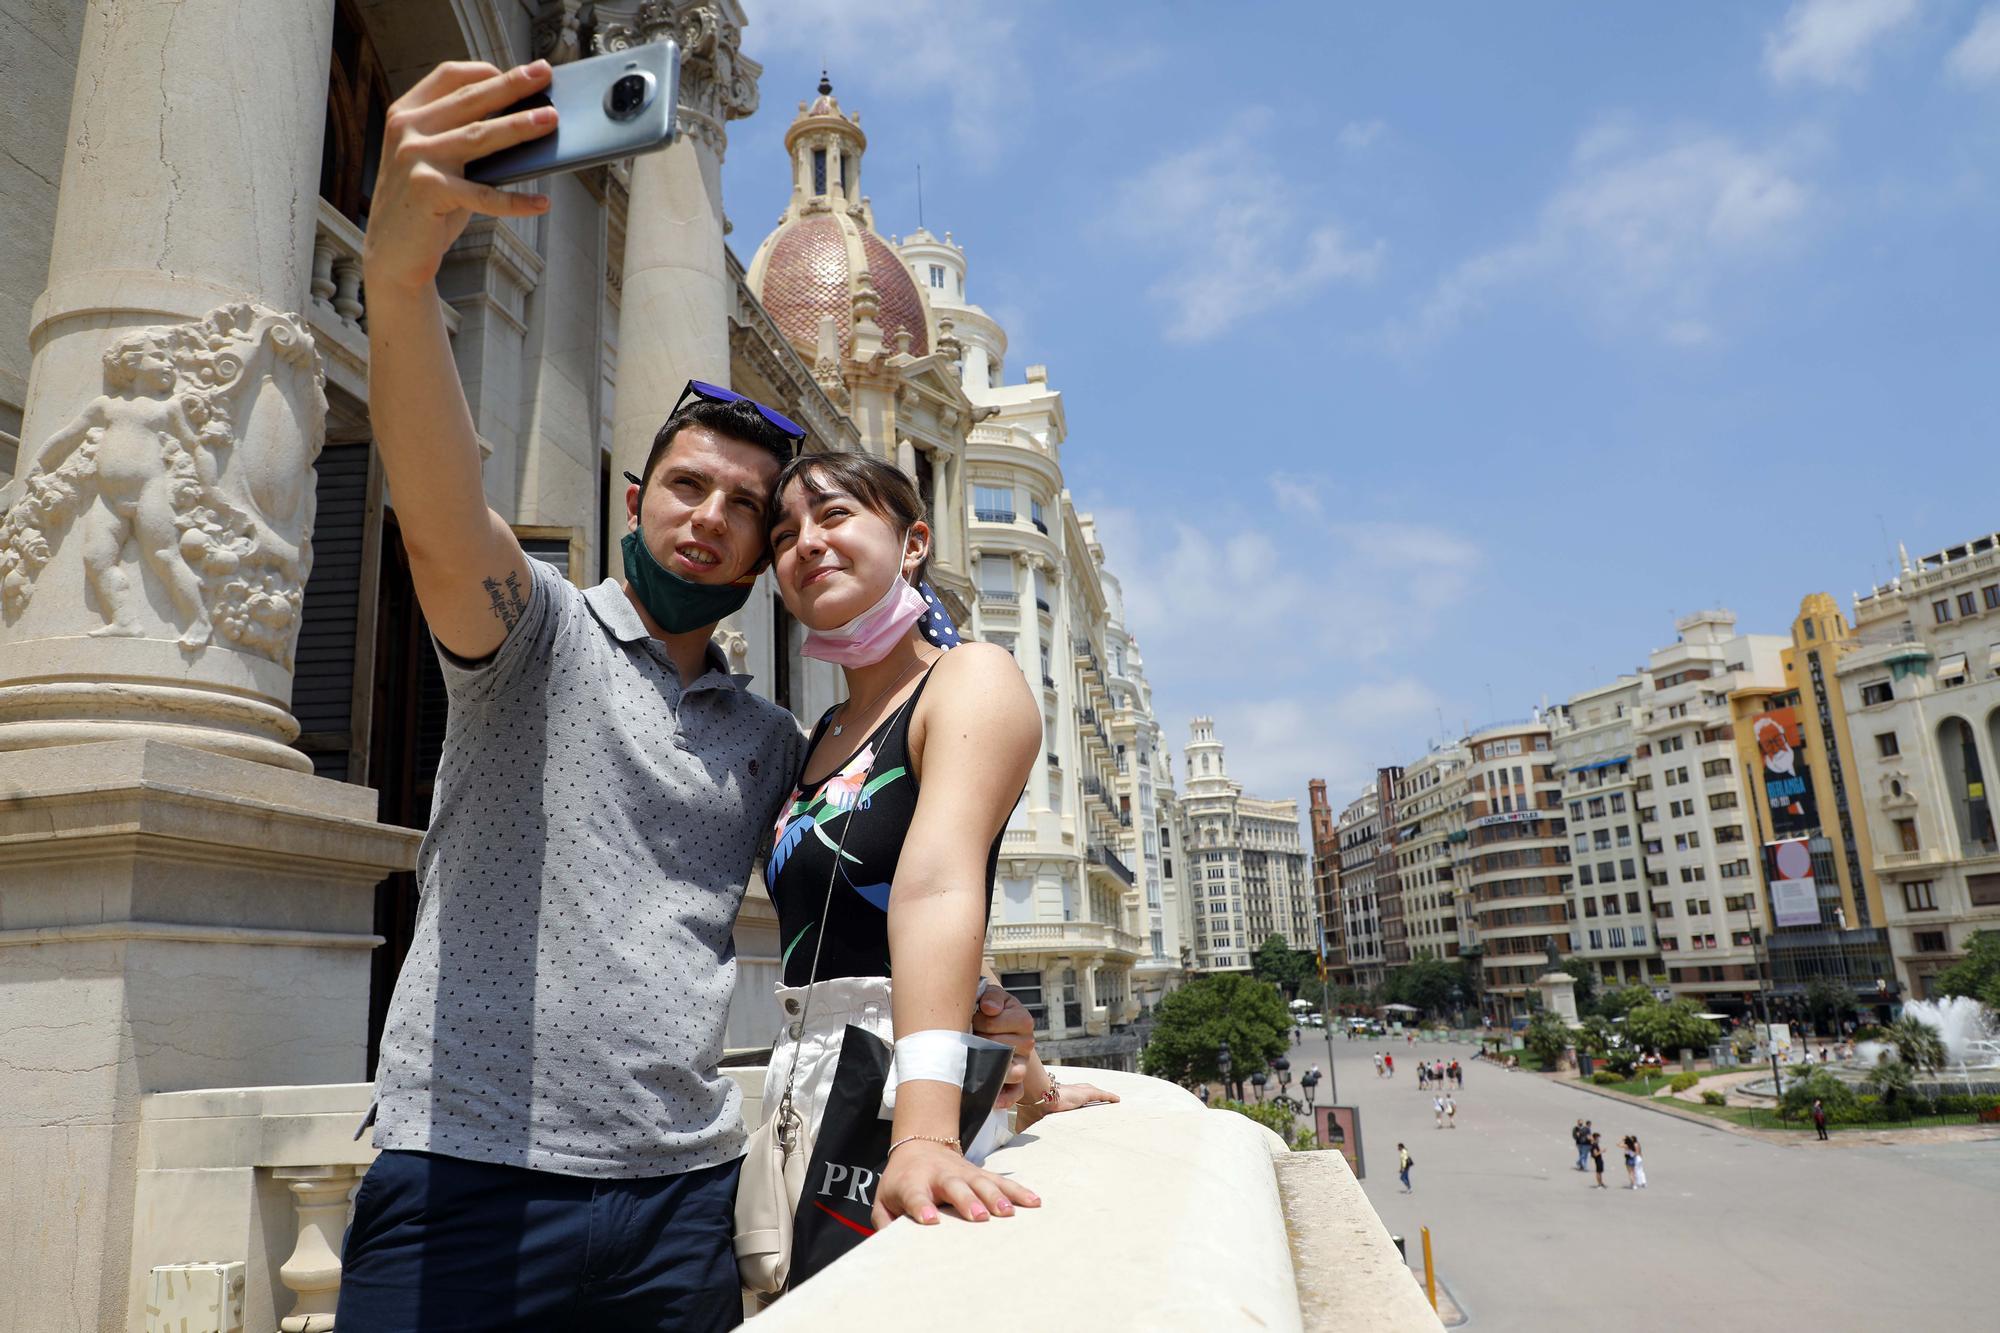 València abre, de nuevo, las puertas de su ayuntamiento